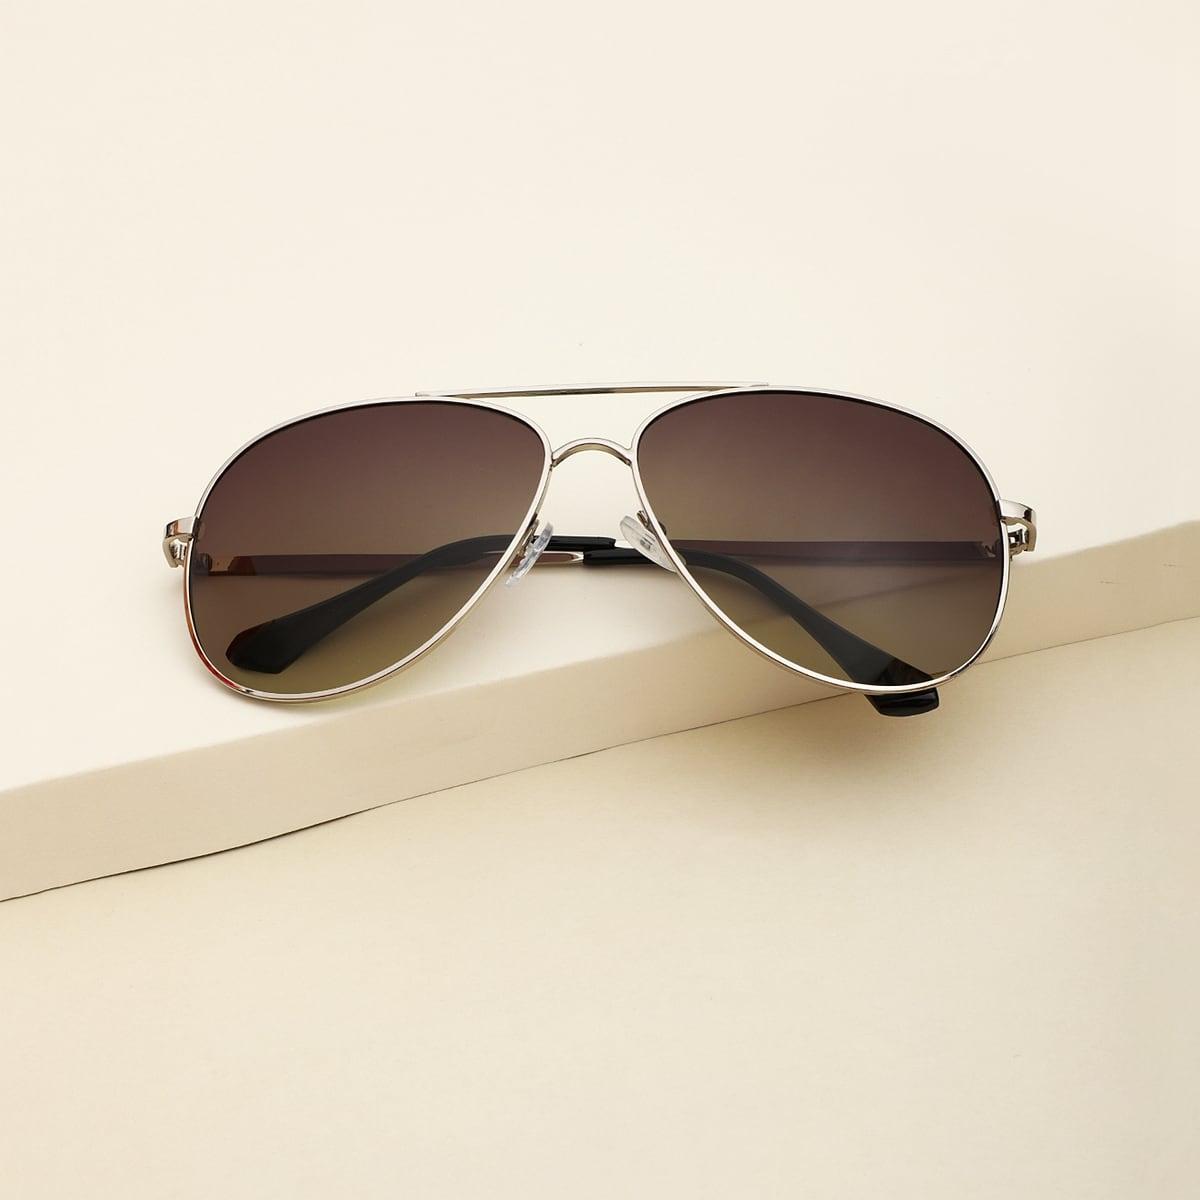 Солнцезащитные очки-авиаторы с плоским верхом